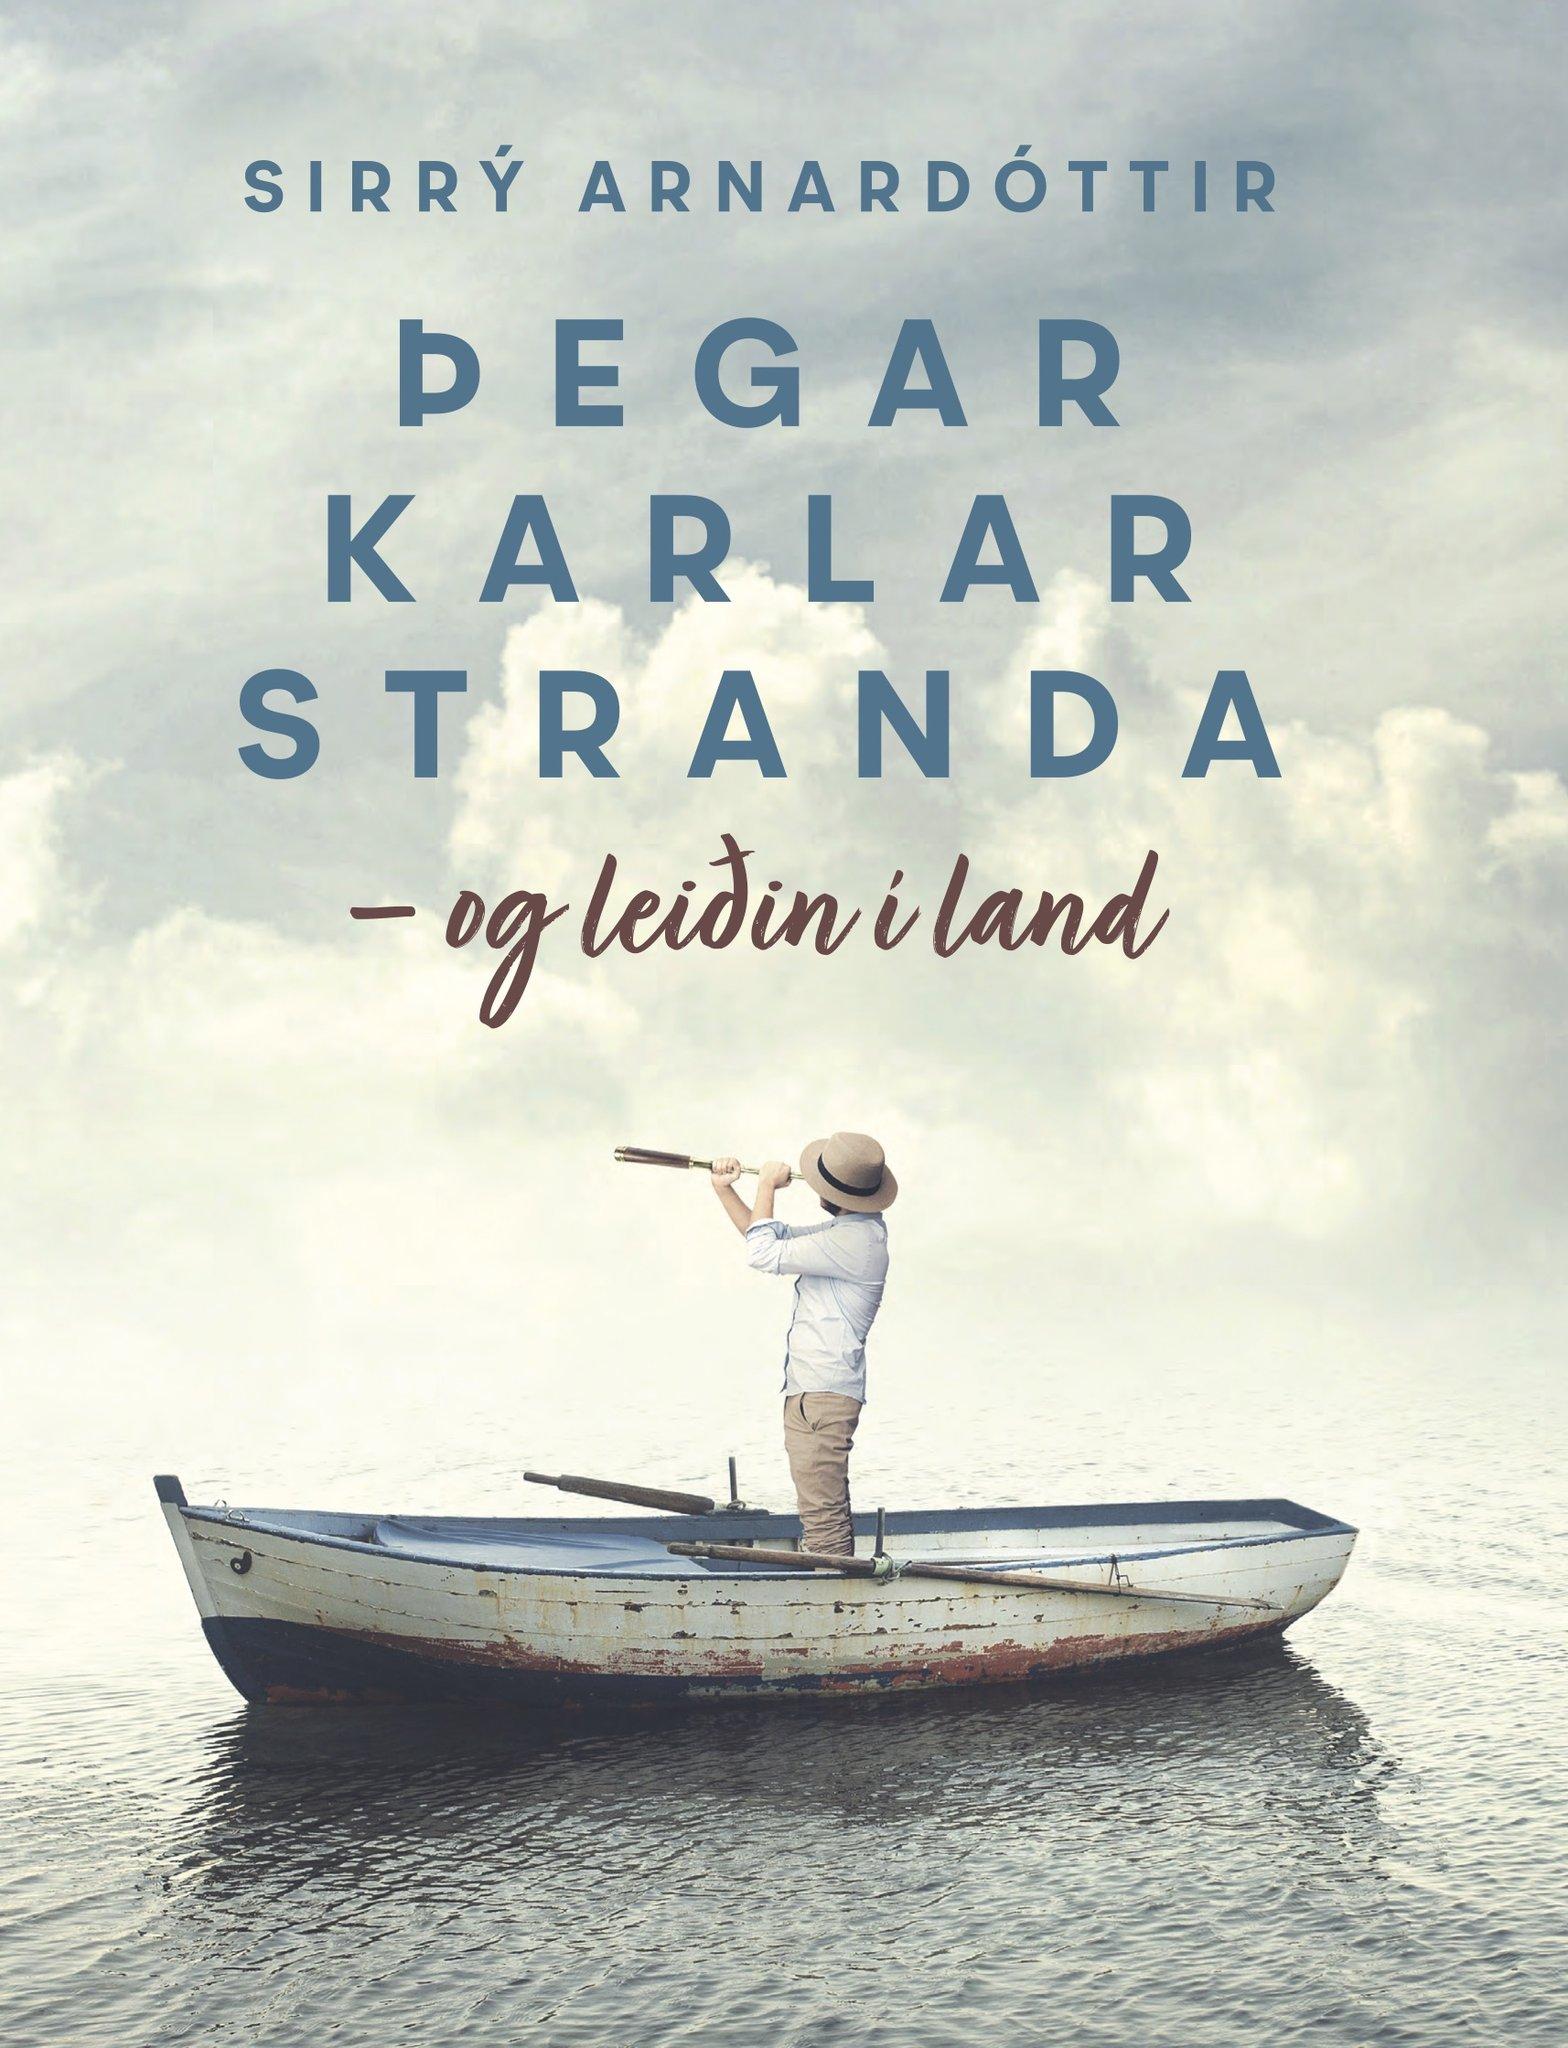 Þegar karlar stranda: og leiðin í land